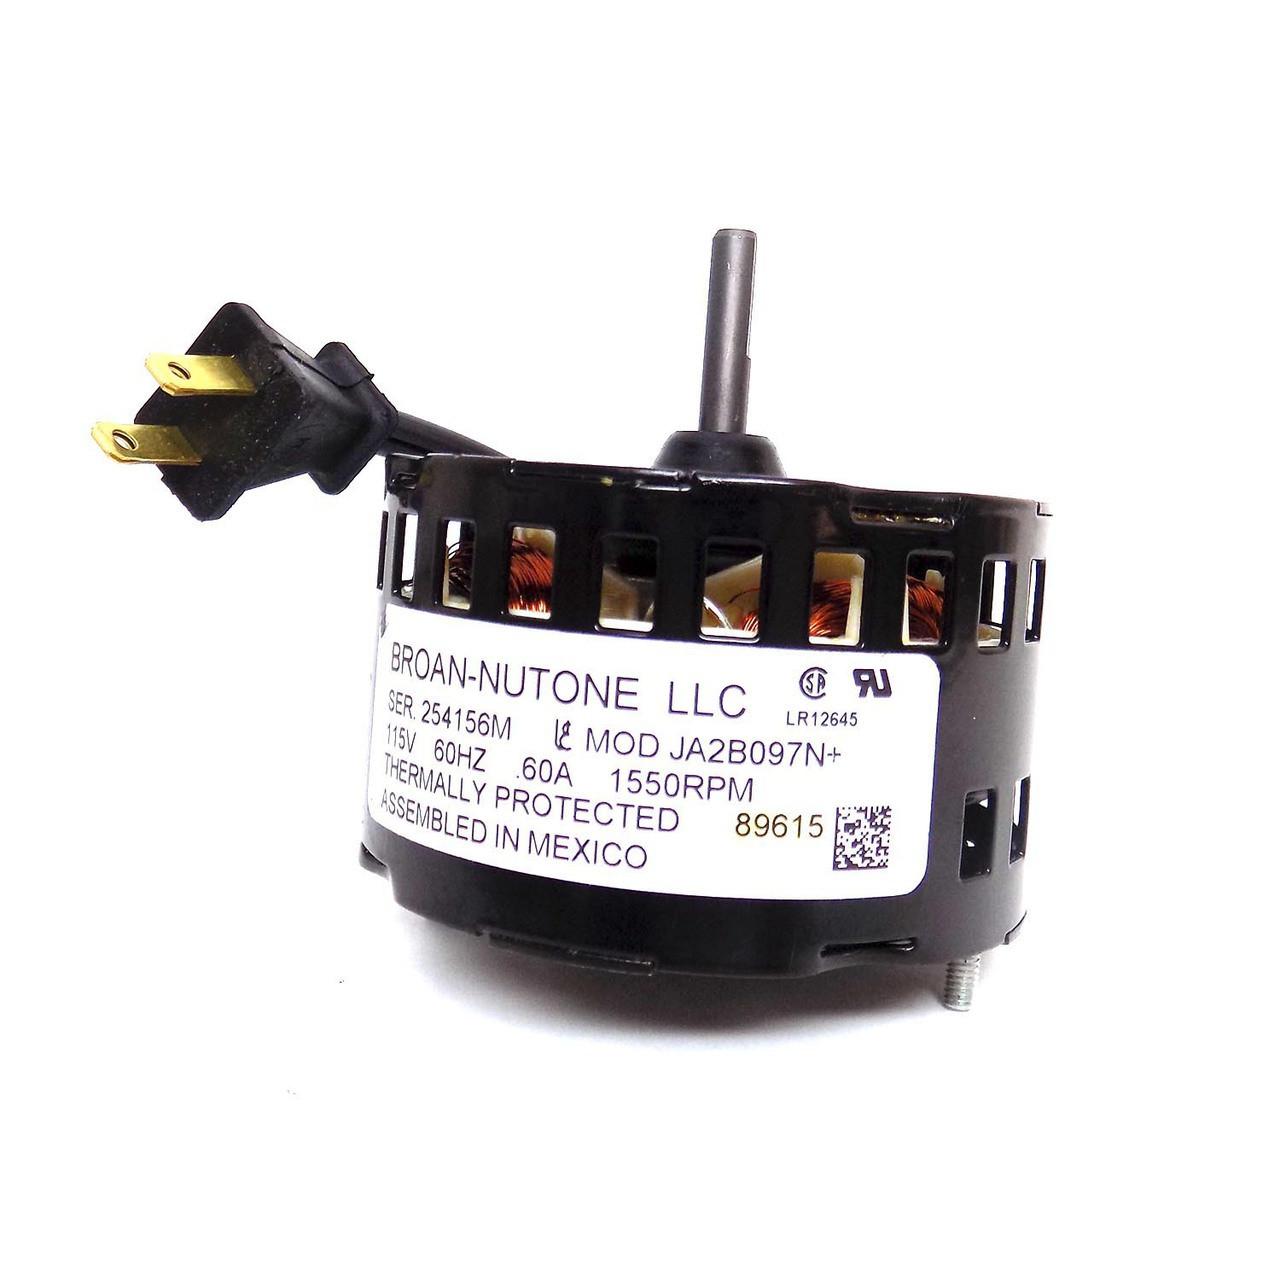 Broan-Nutone S97012248 - Replacement Fan Motor (97012248)